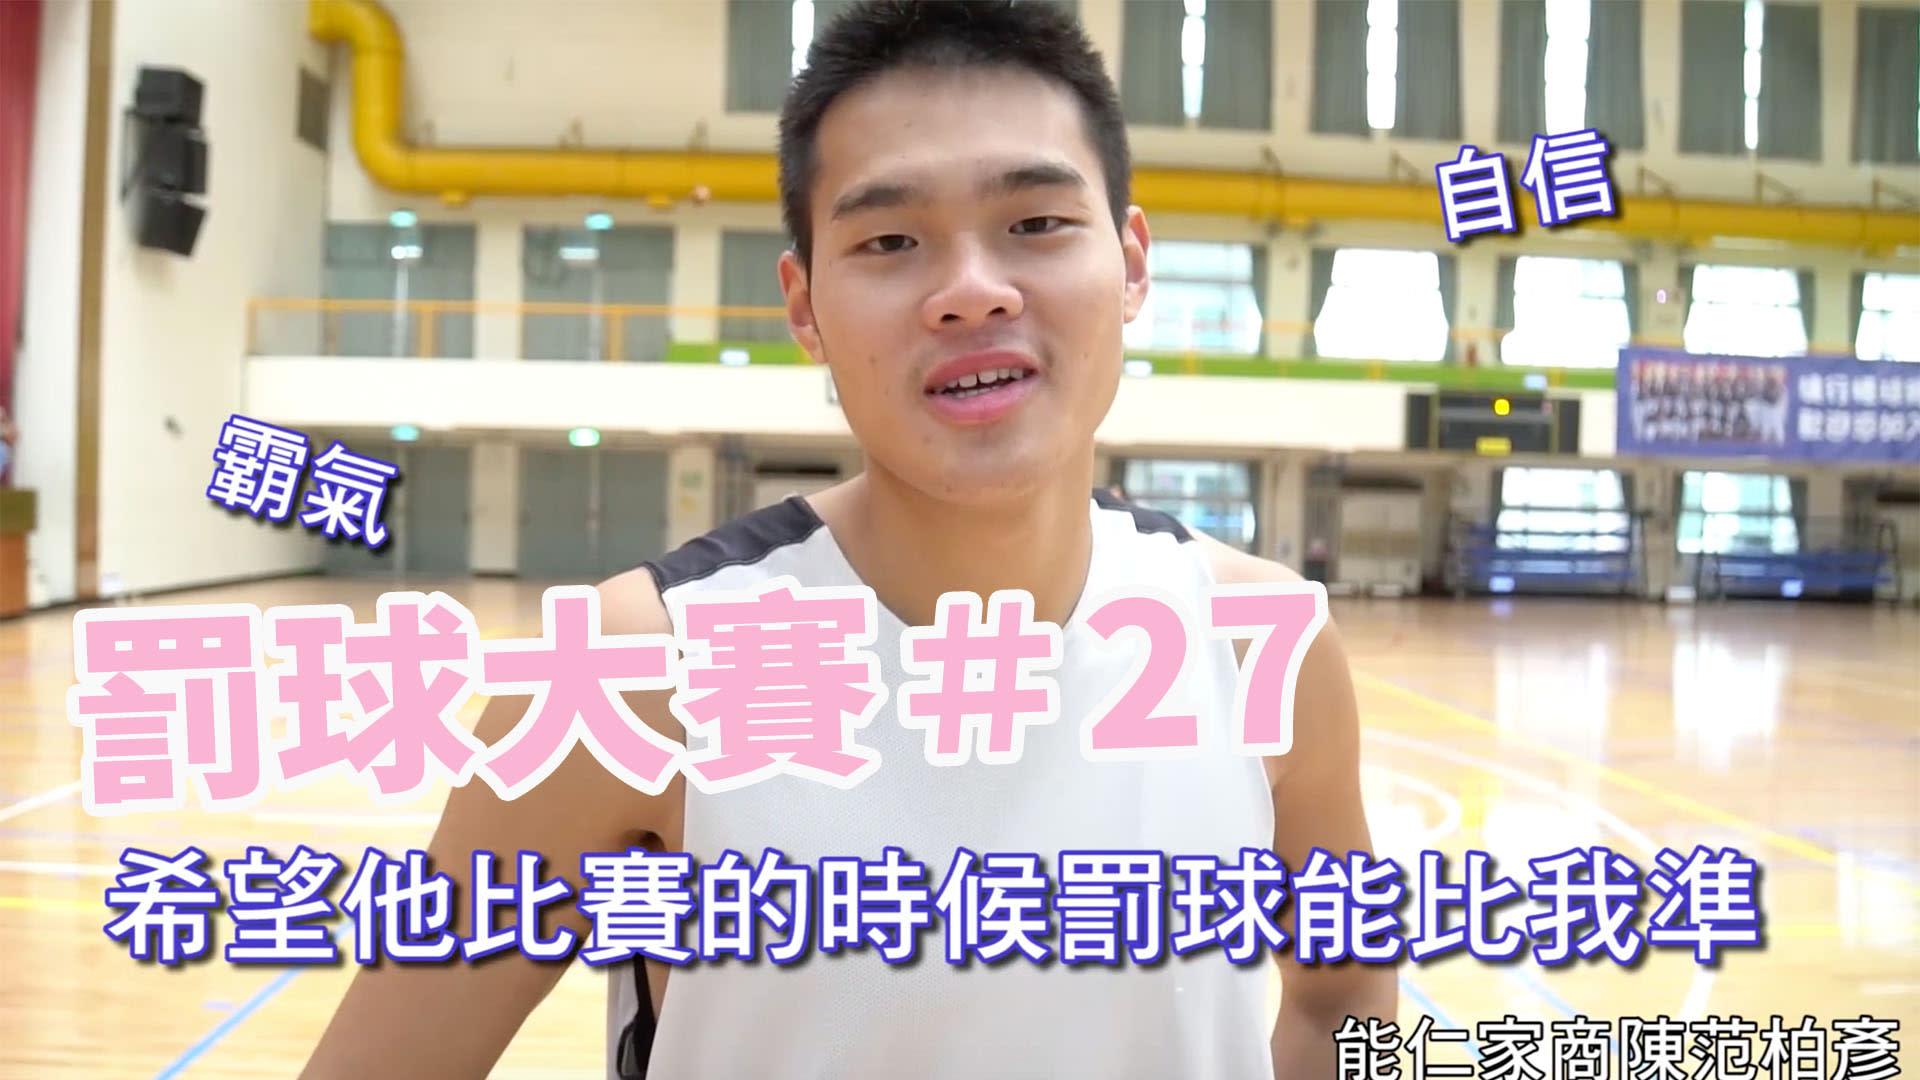 罰球大賽#27 能仁家商 陳范柏彥